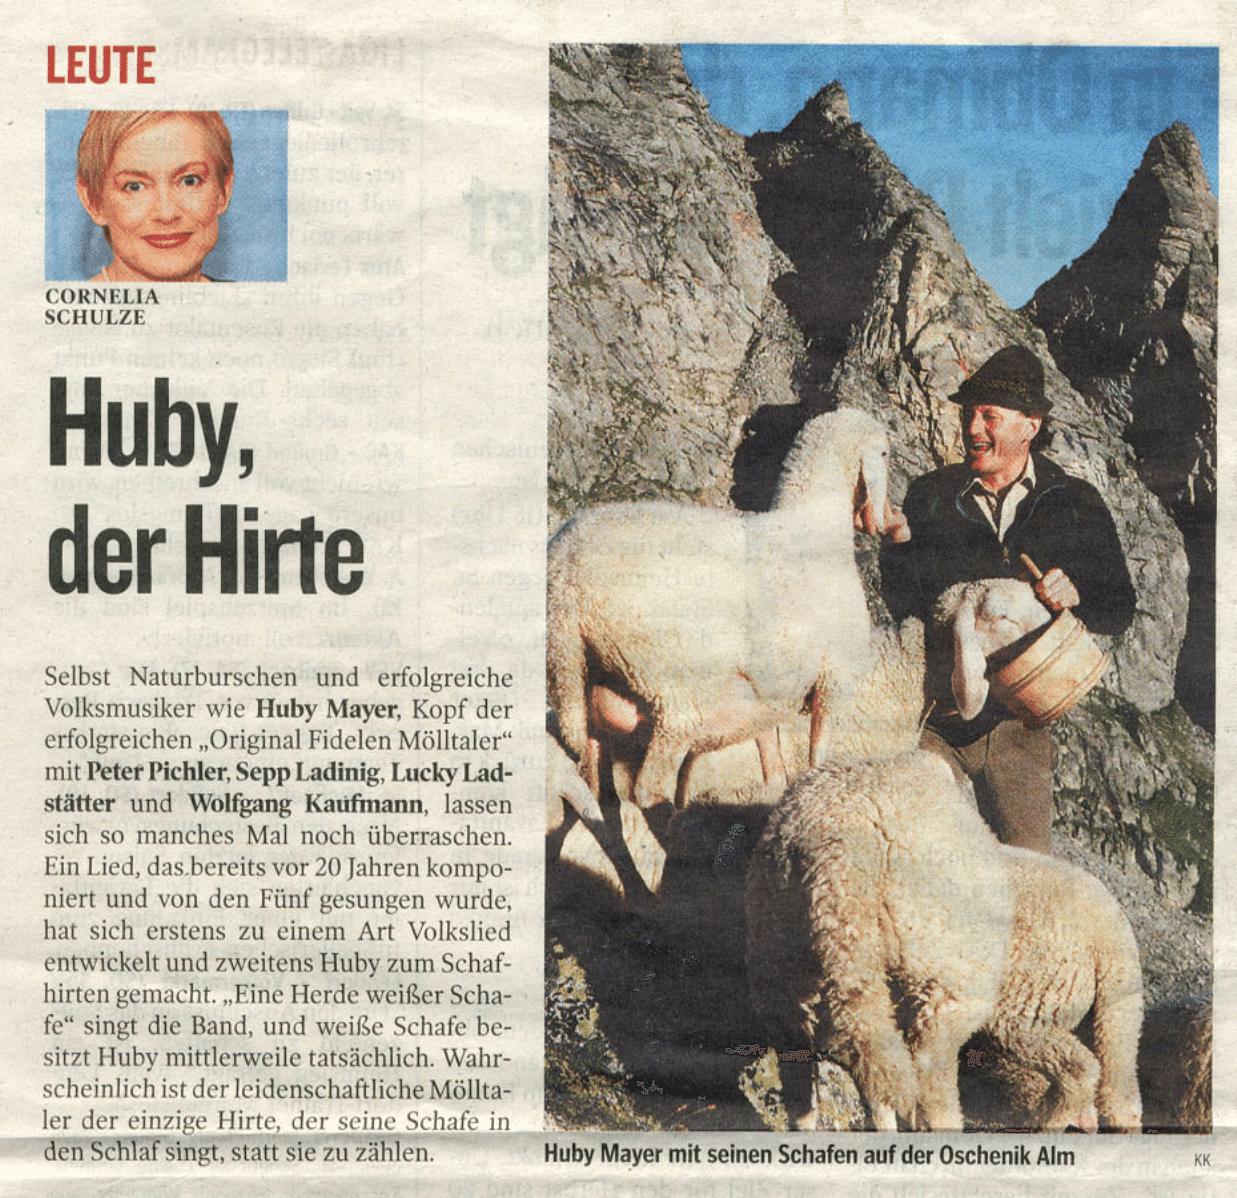 huby_der_hirte-1